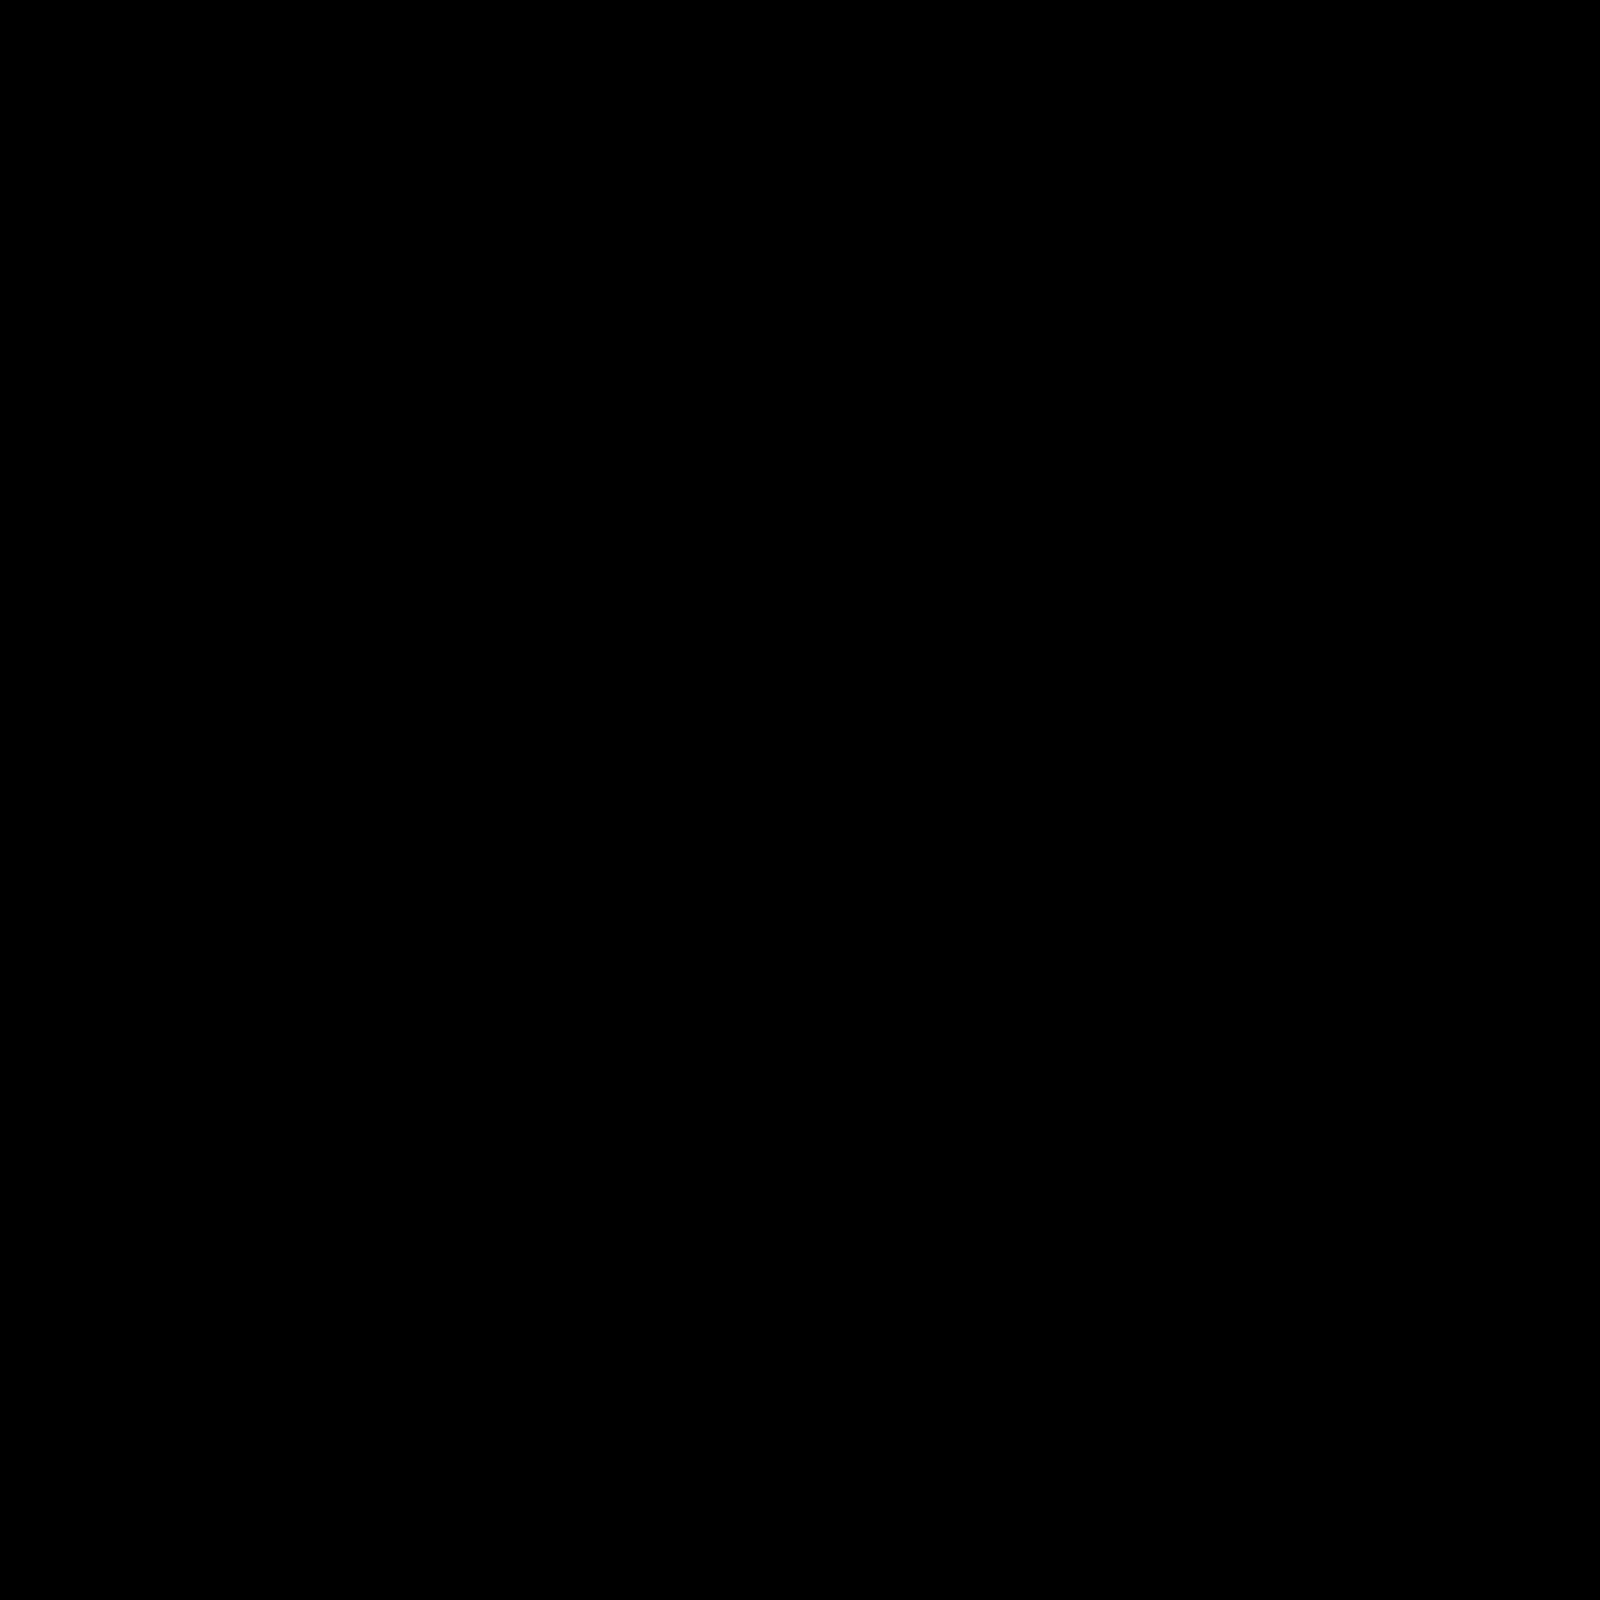 9 of Diamonds icon